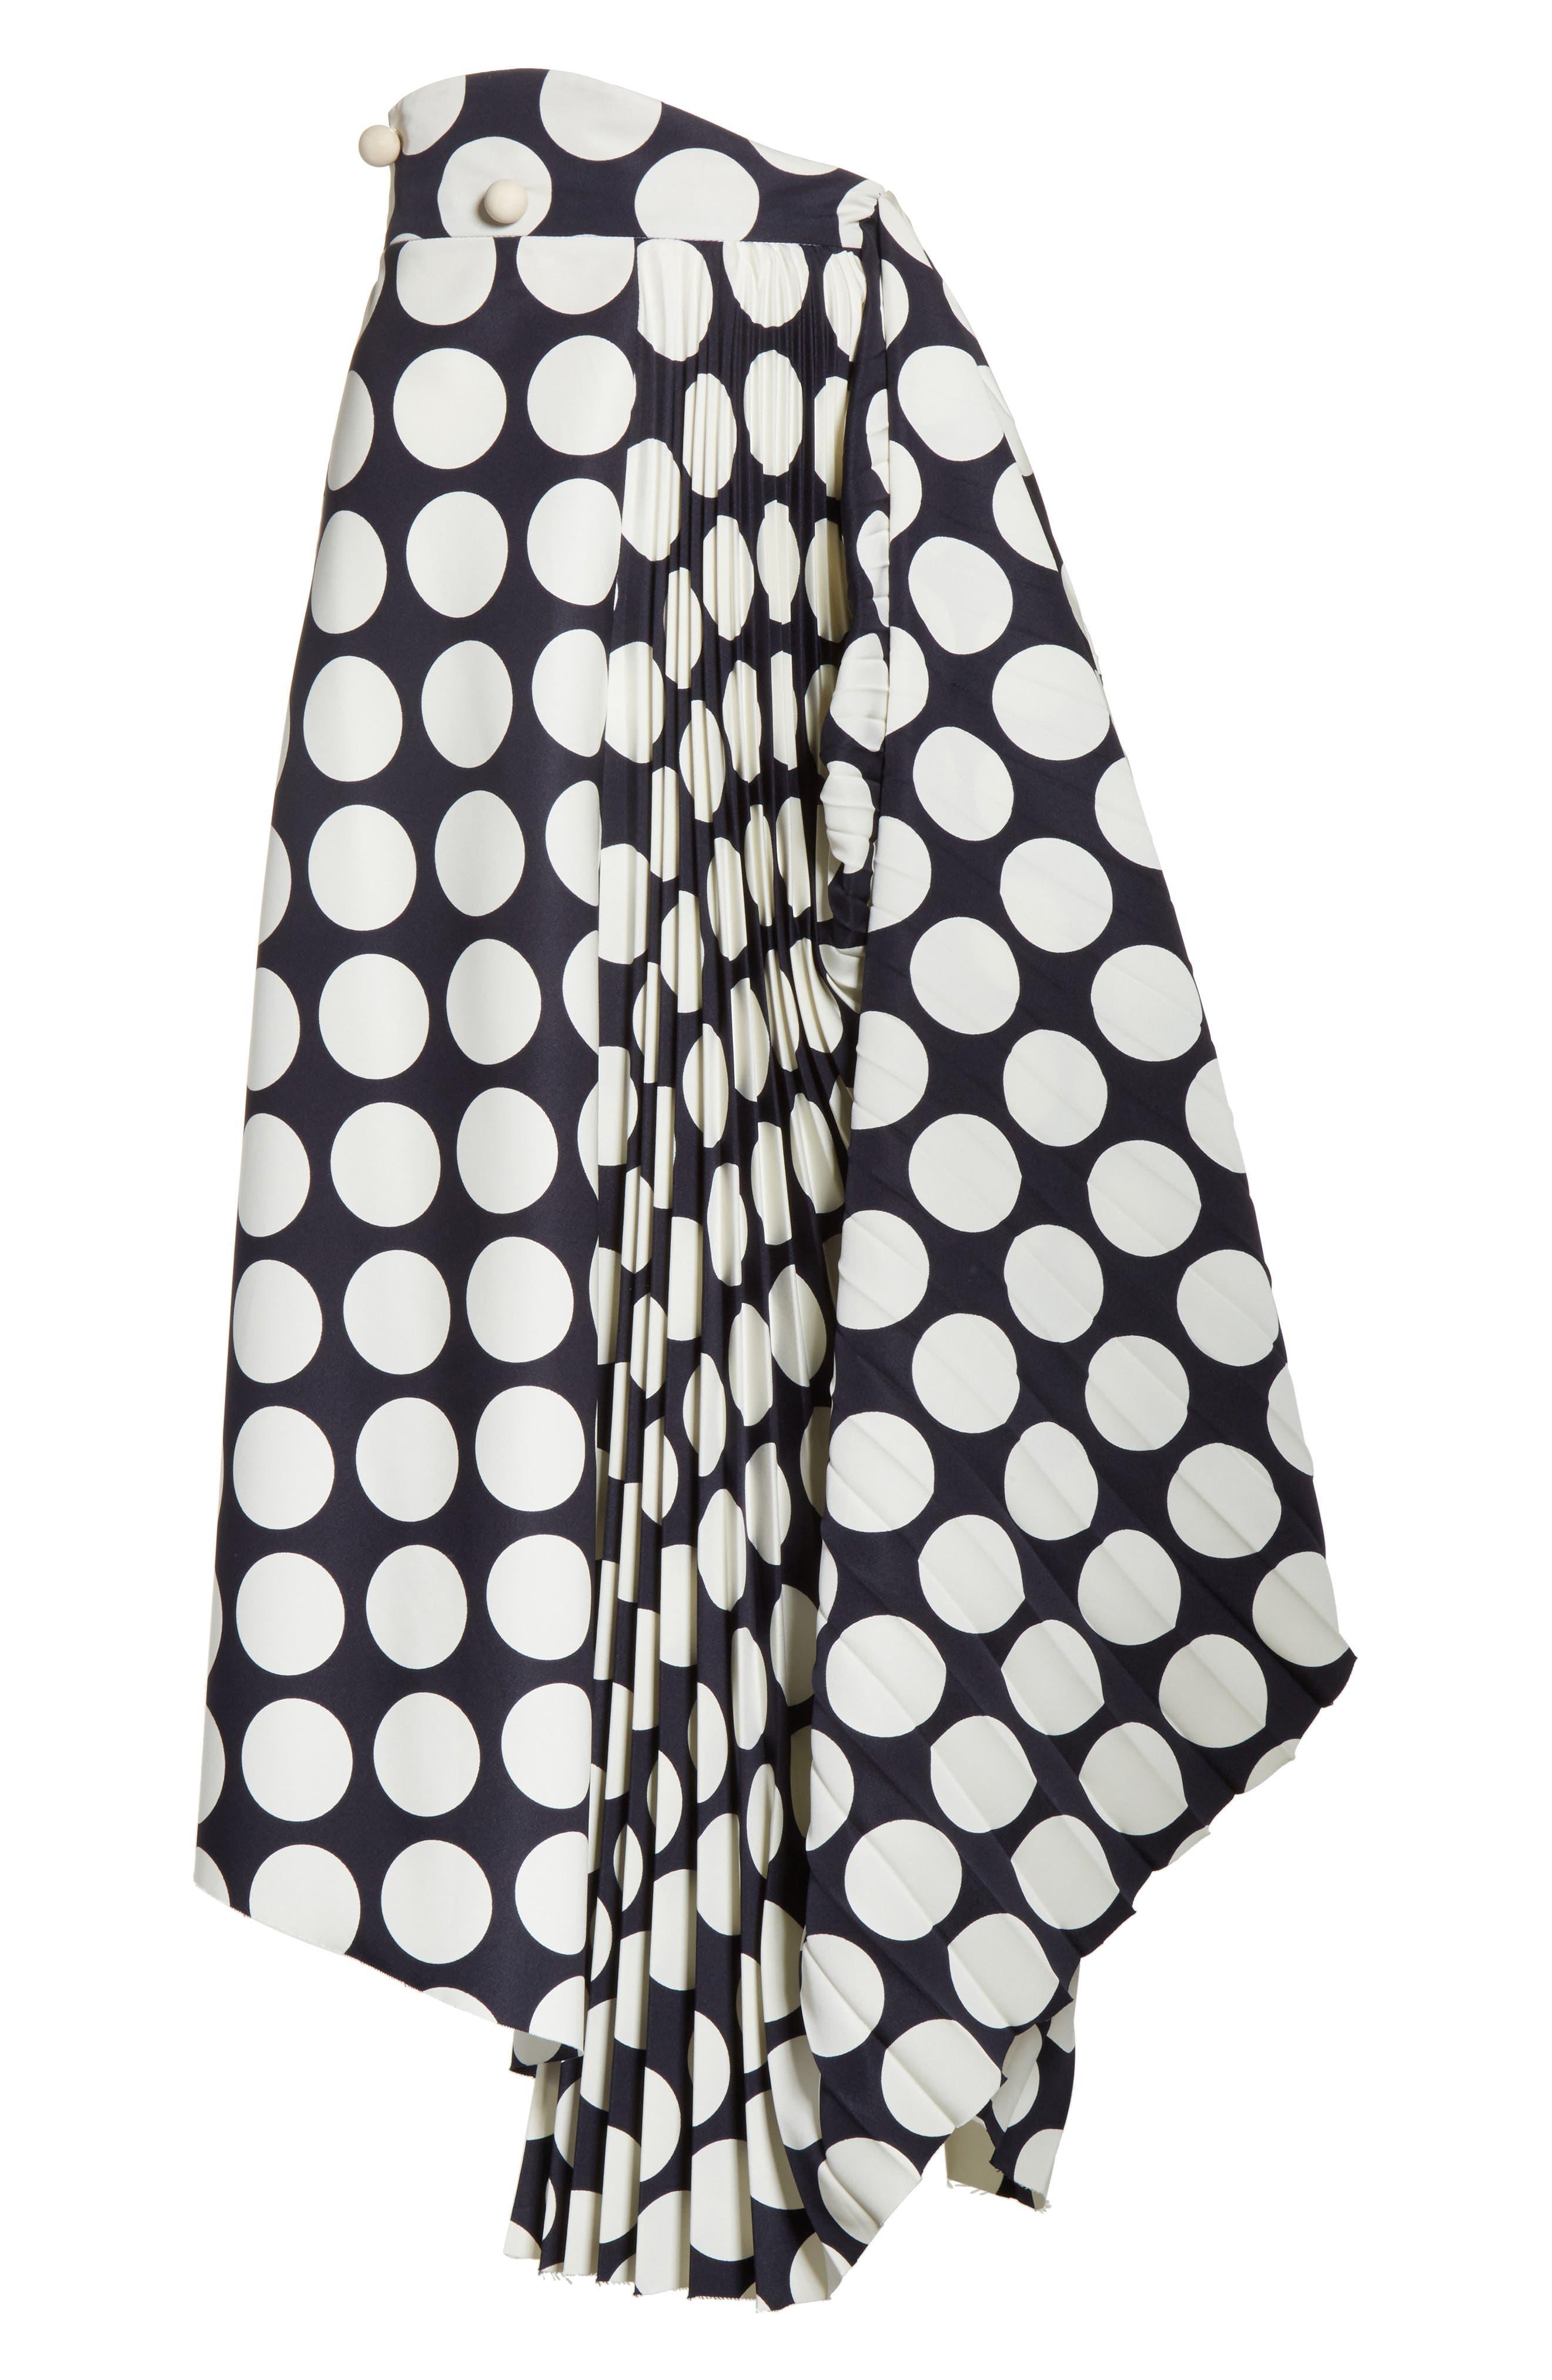 Giant Polka Dot Pleated Skirt,                             Alternate thumbnail 8, color,                             Navy/ Off-White